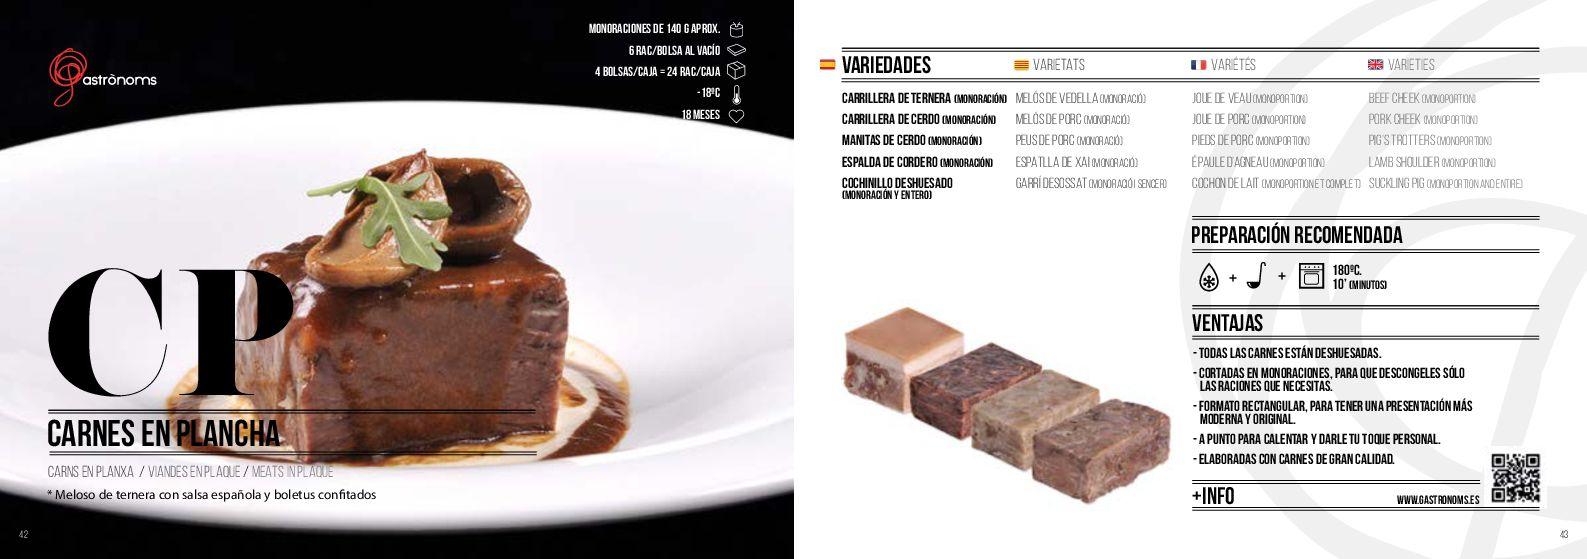 gastronoms - Pàg. 022